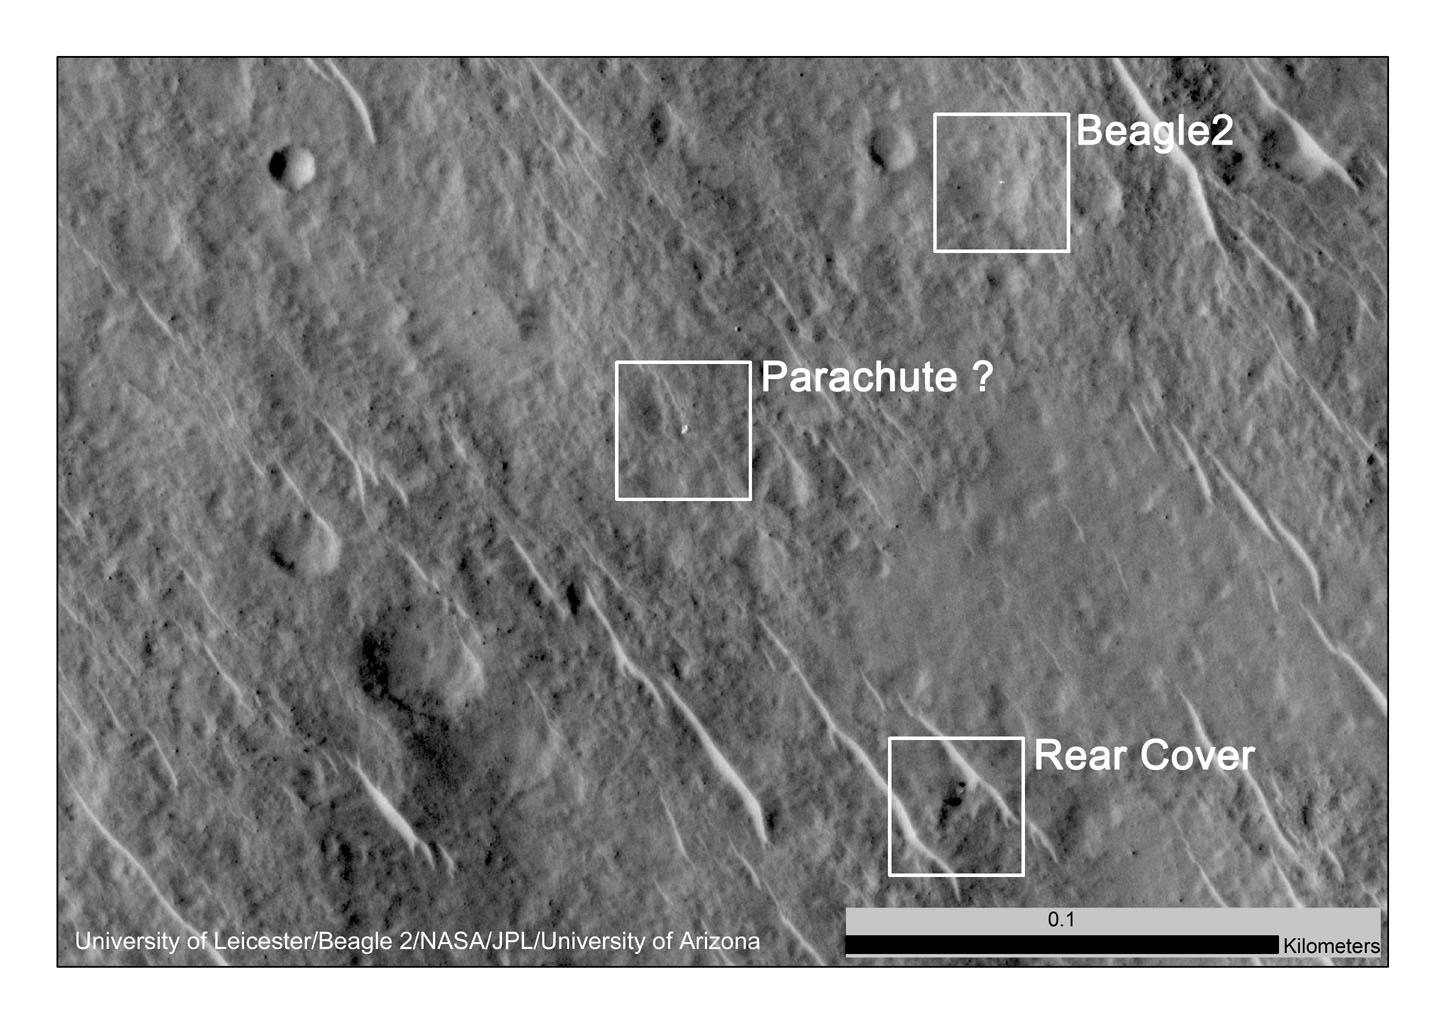 NASA JPL Beagle 2 image